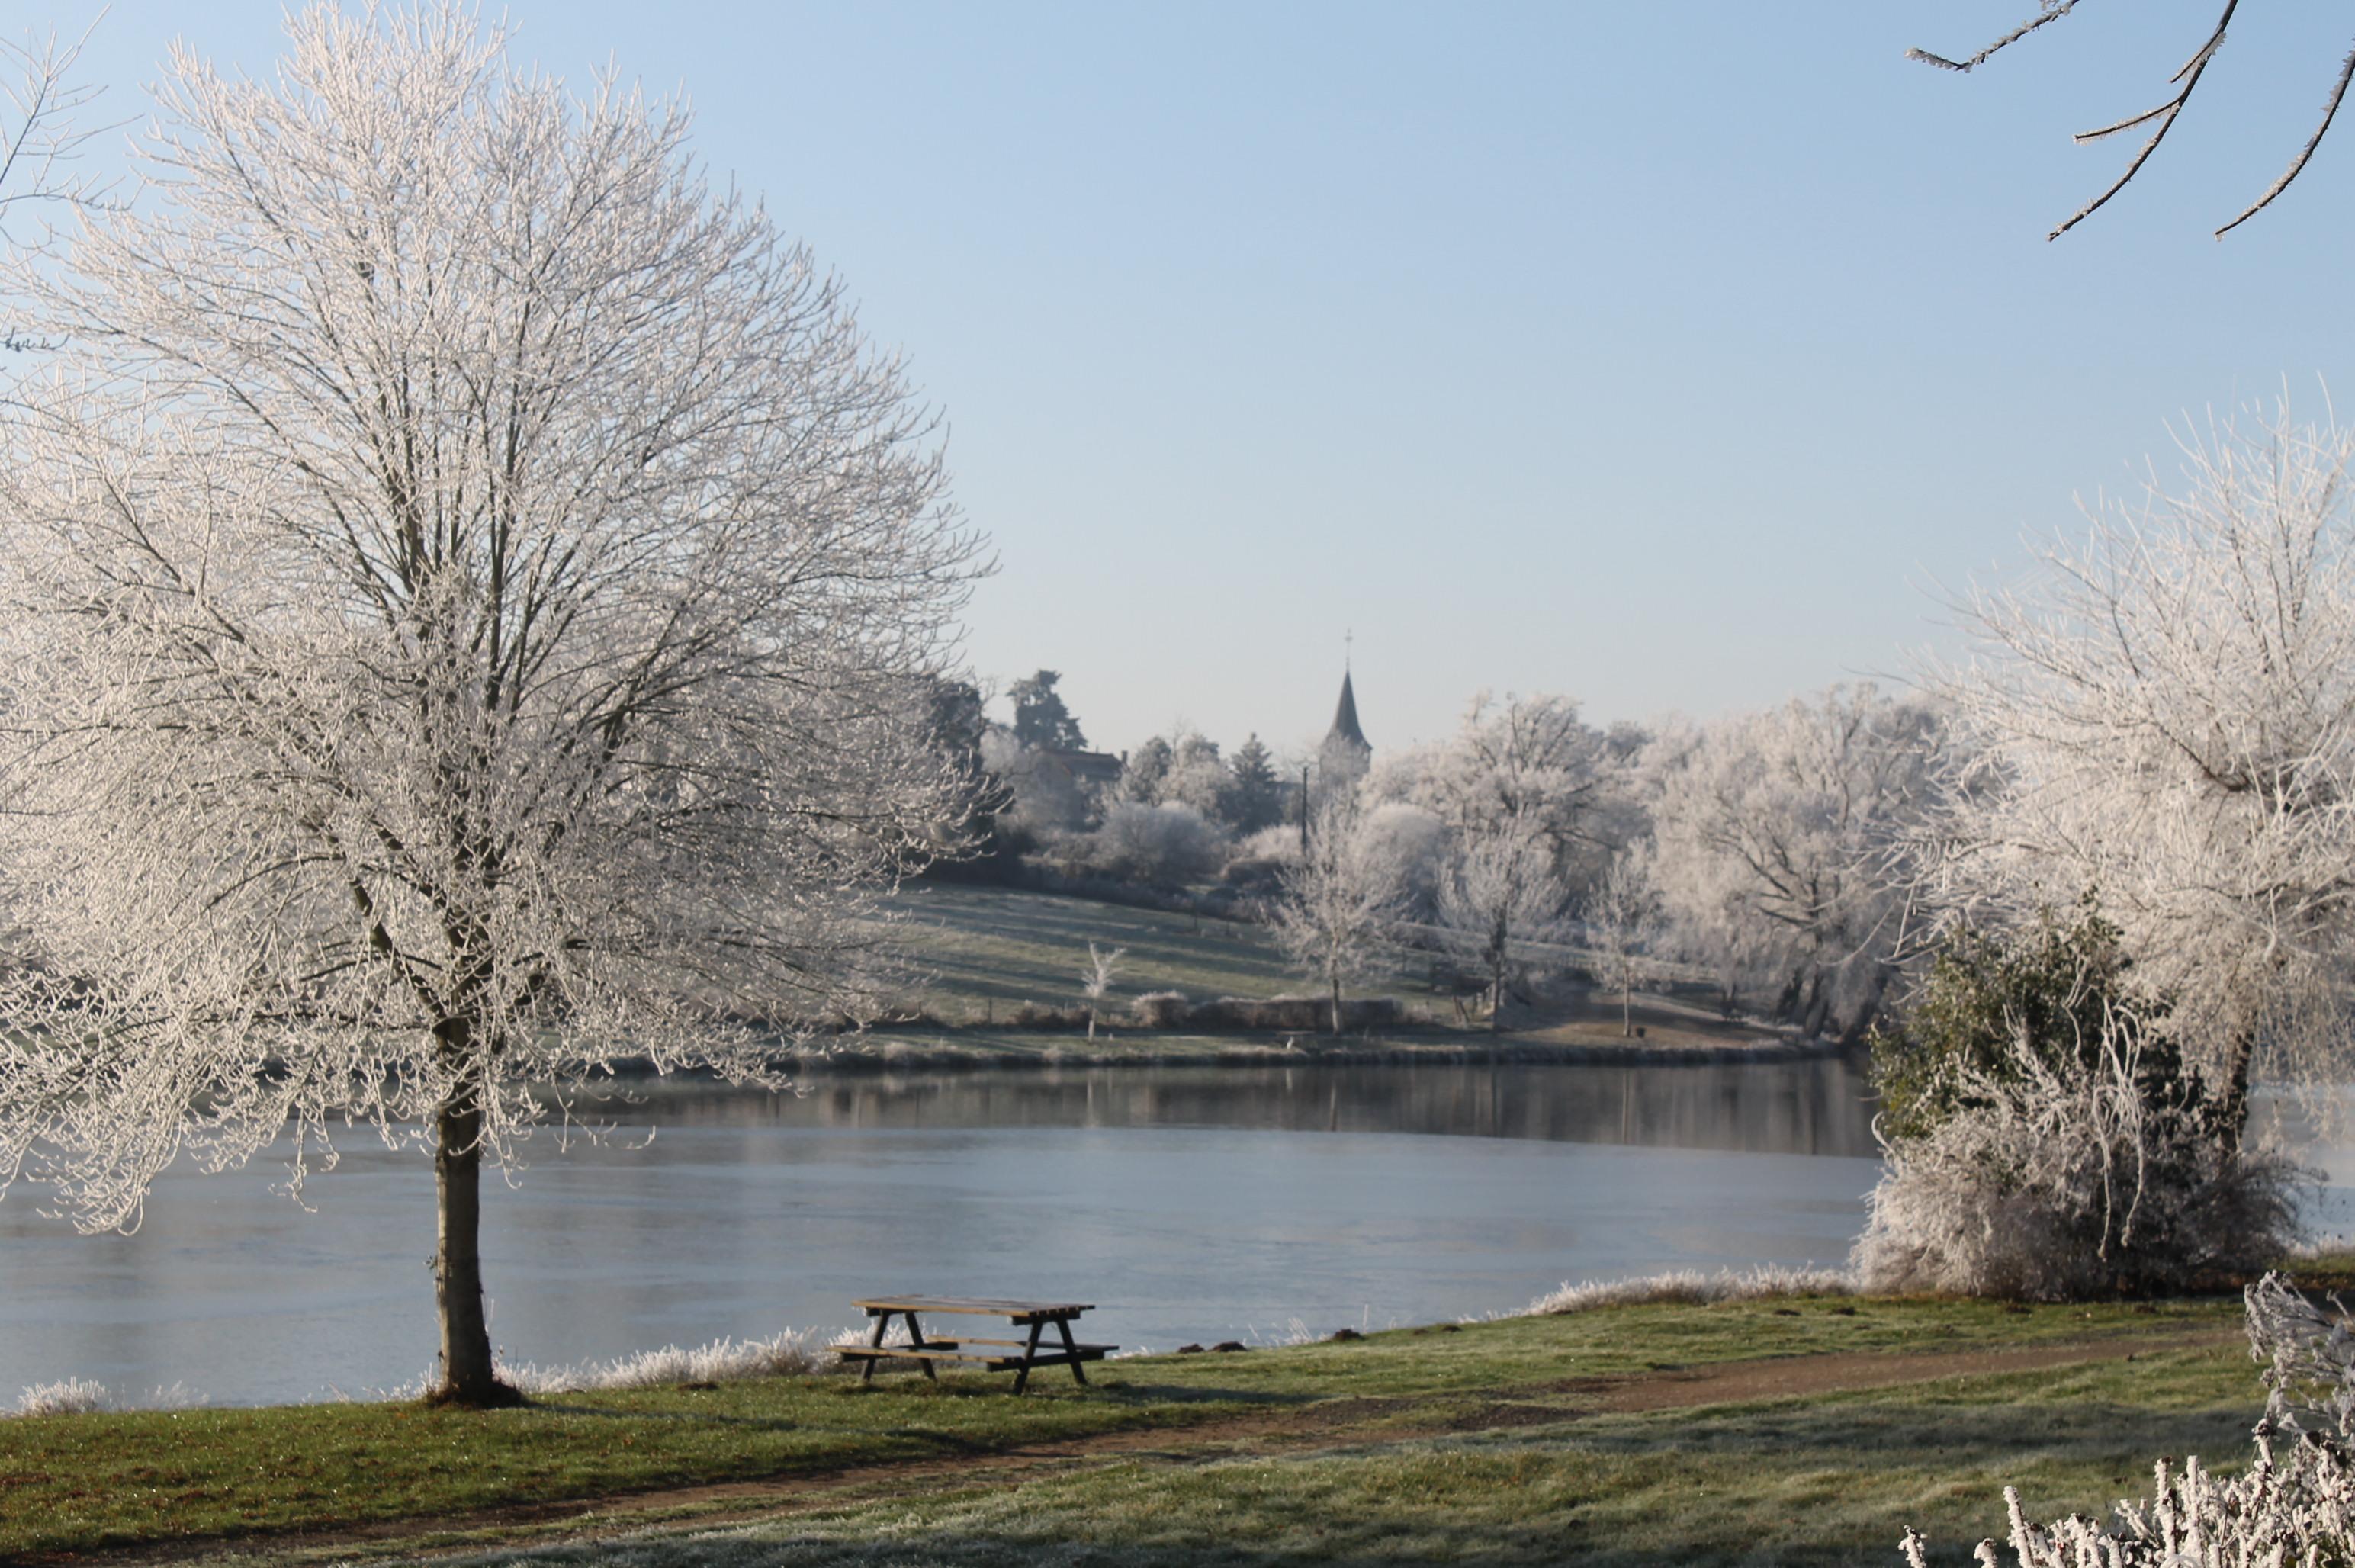 Plan d'eau St-Gérand-de-Vaux Hiver Ⓒ @MairieStGéranddeVaux2017